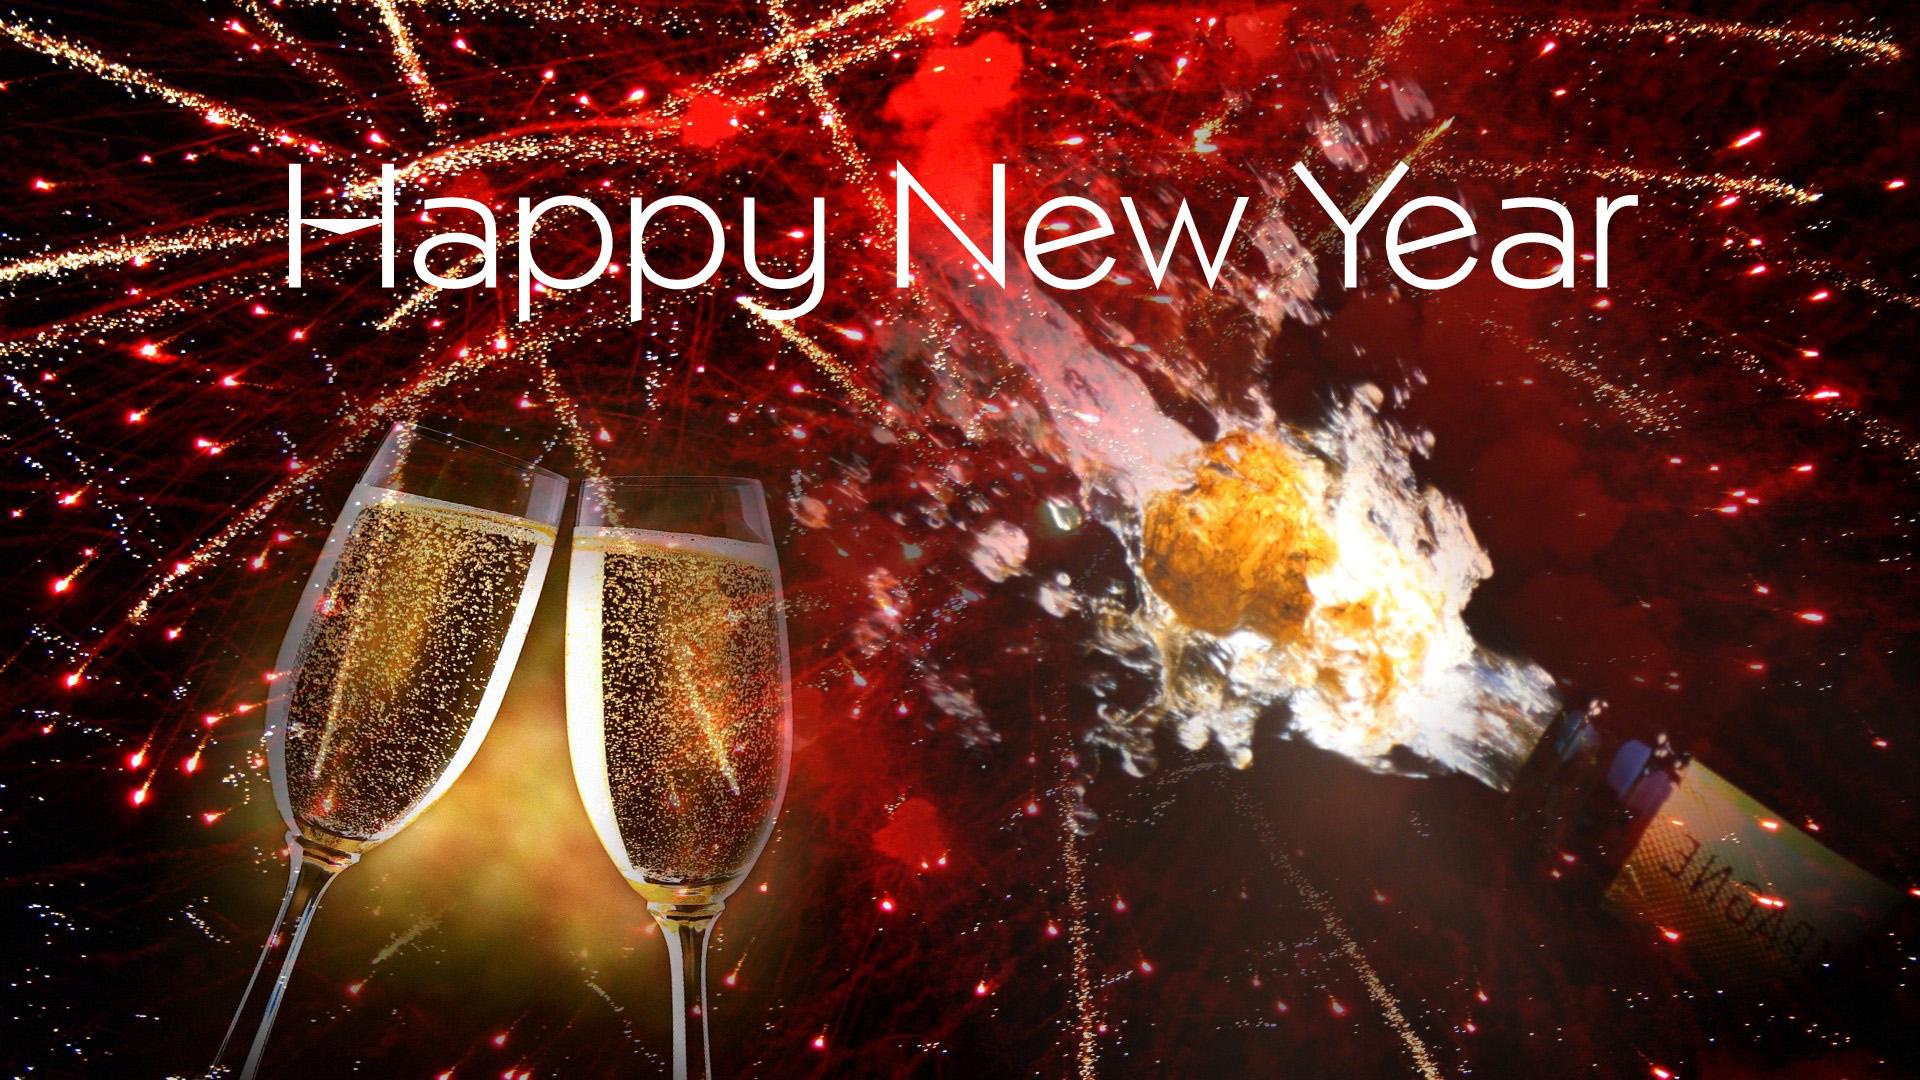 Happy New Year 2015 Celebration Images Photos